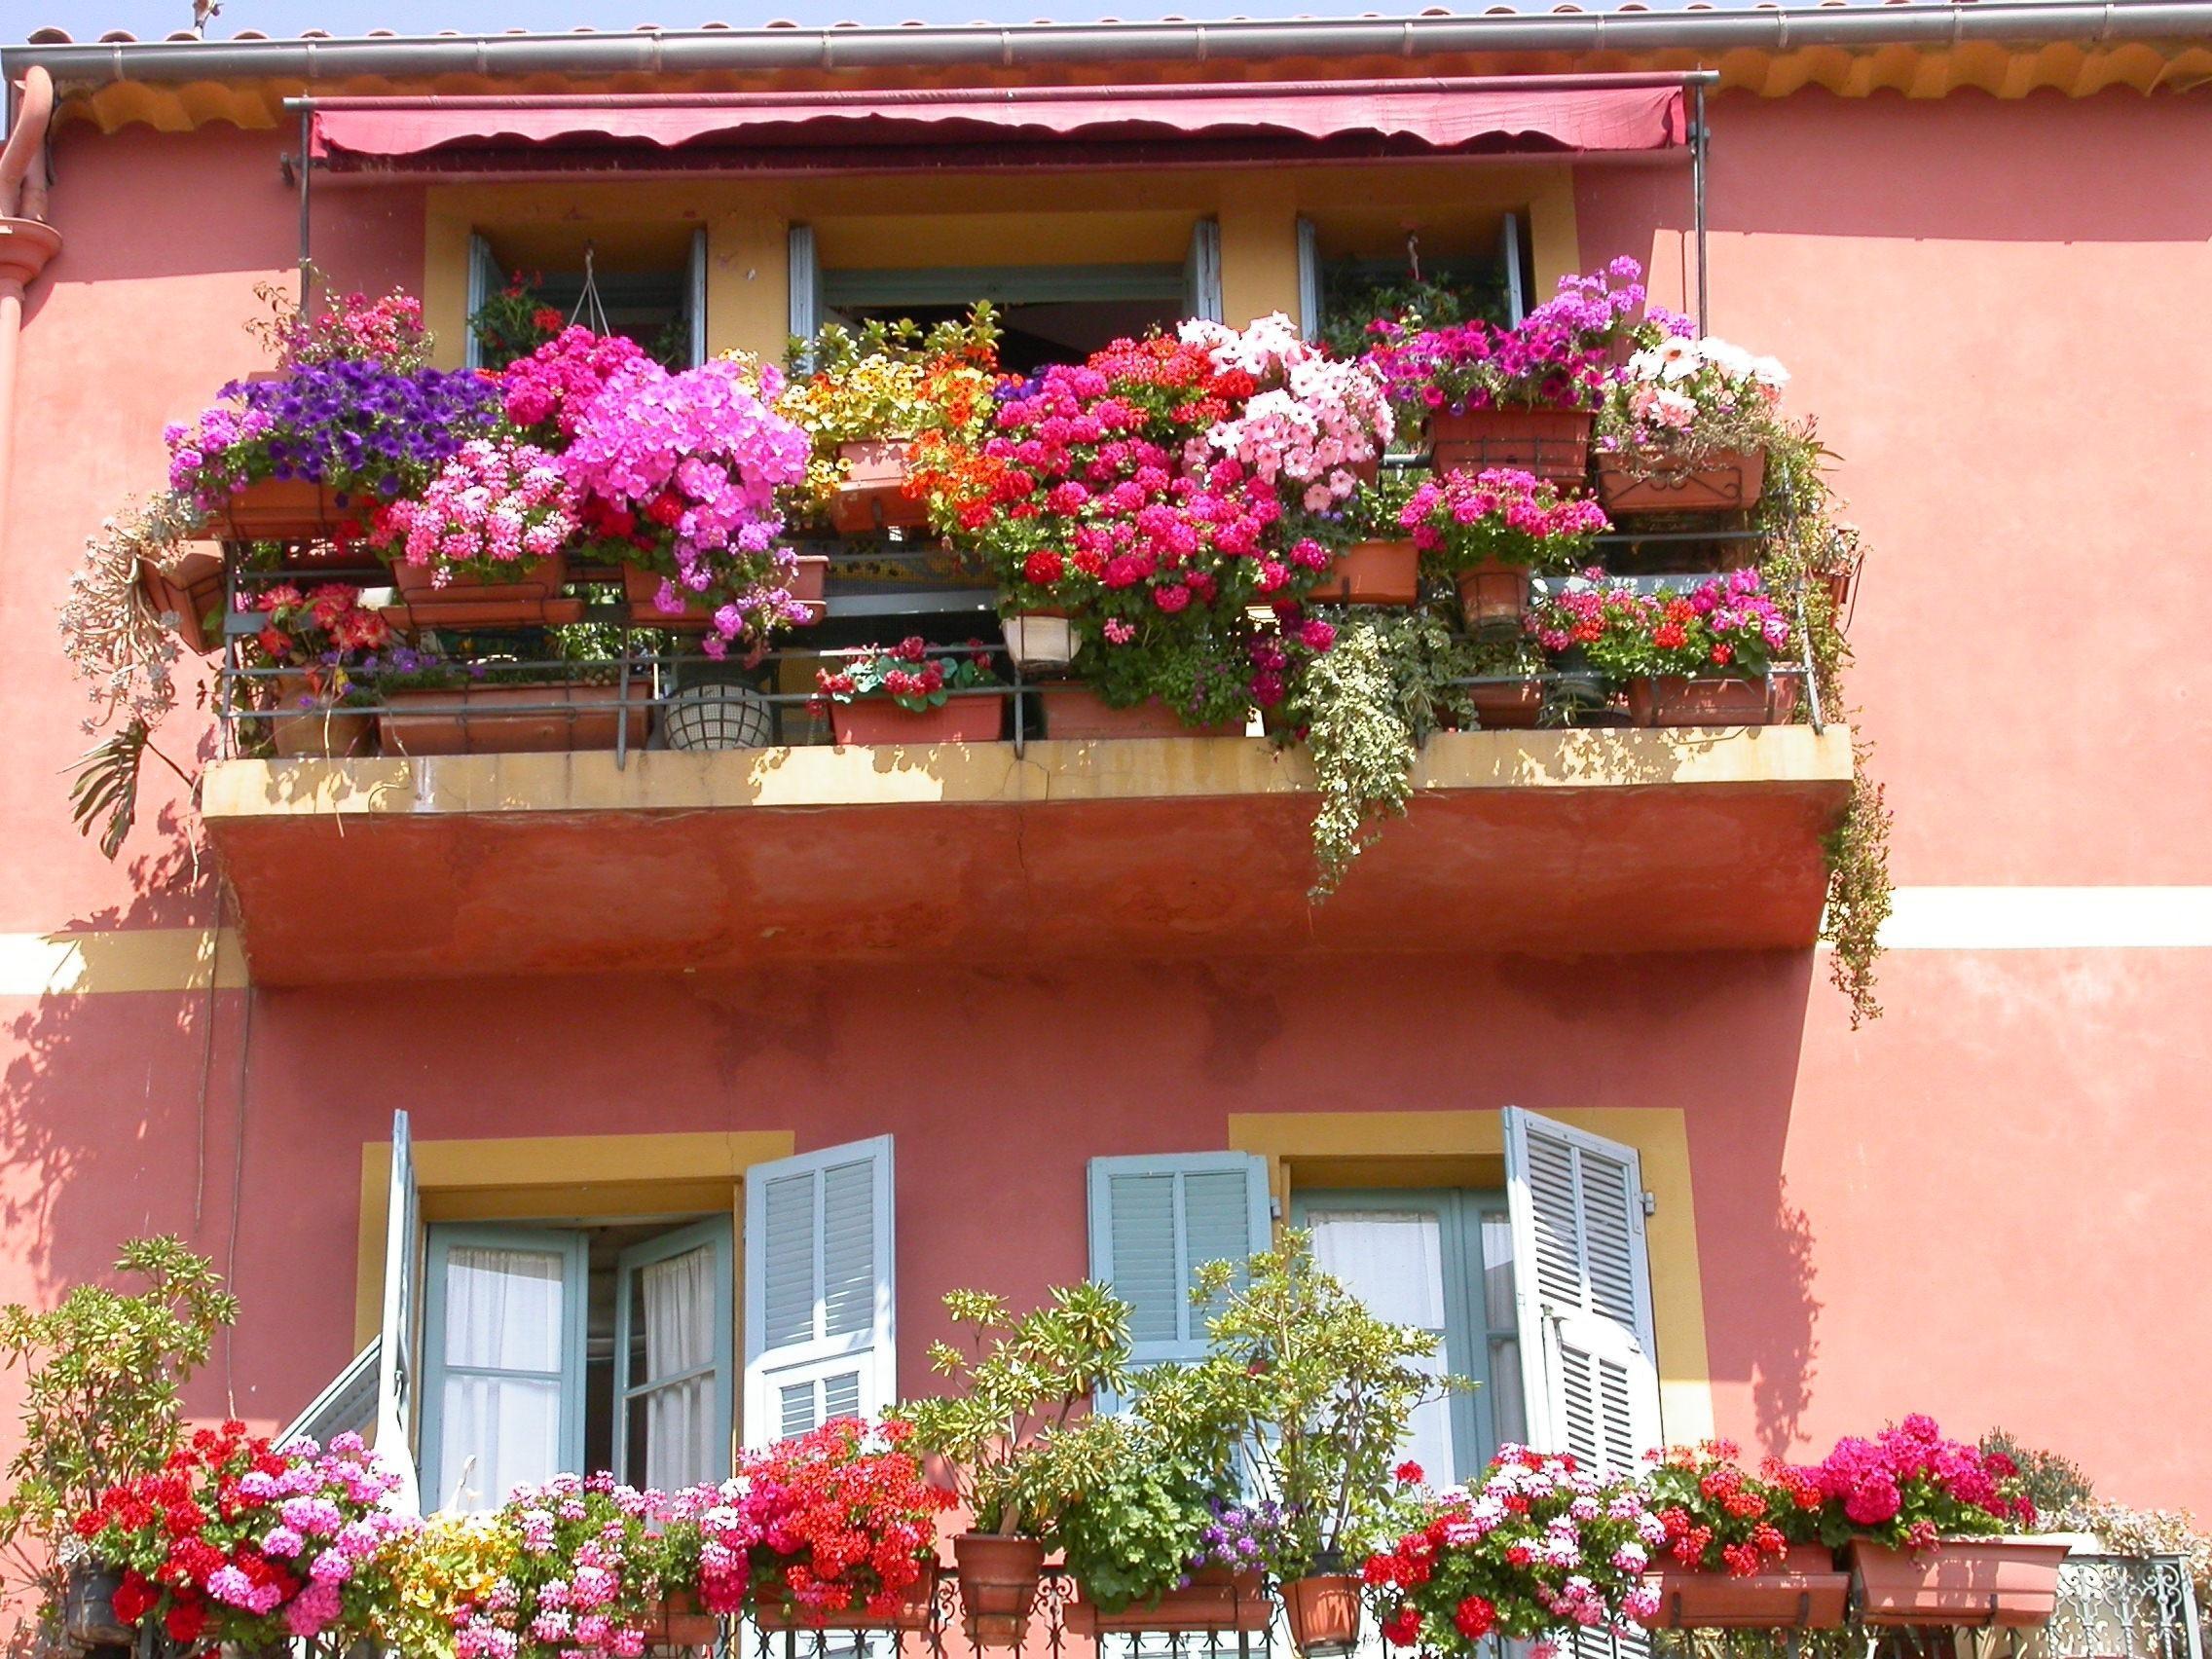 Названия цветов для балкона (63 фото): балконные вьющиеся и .